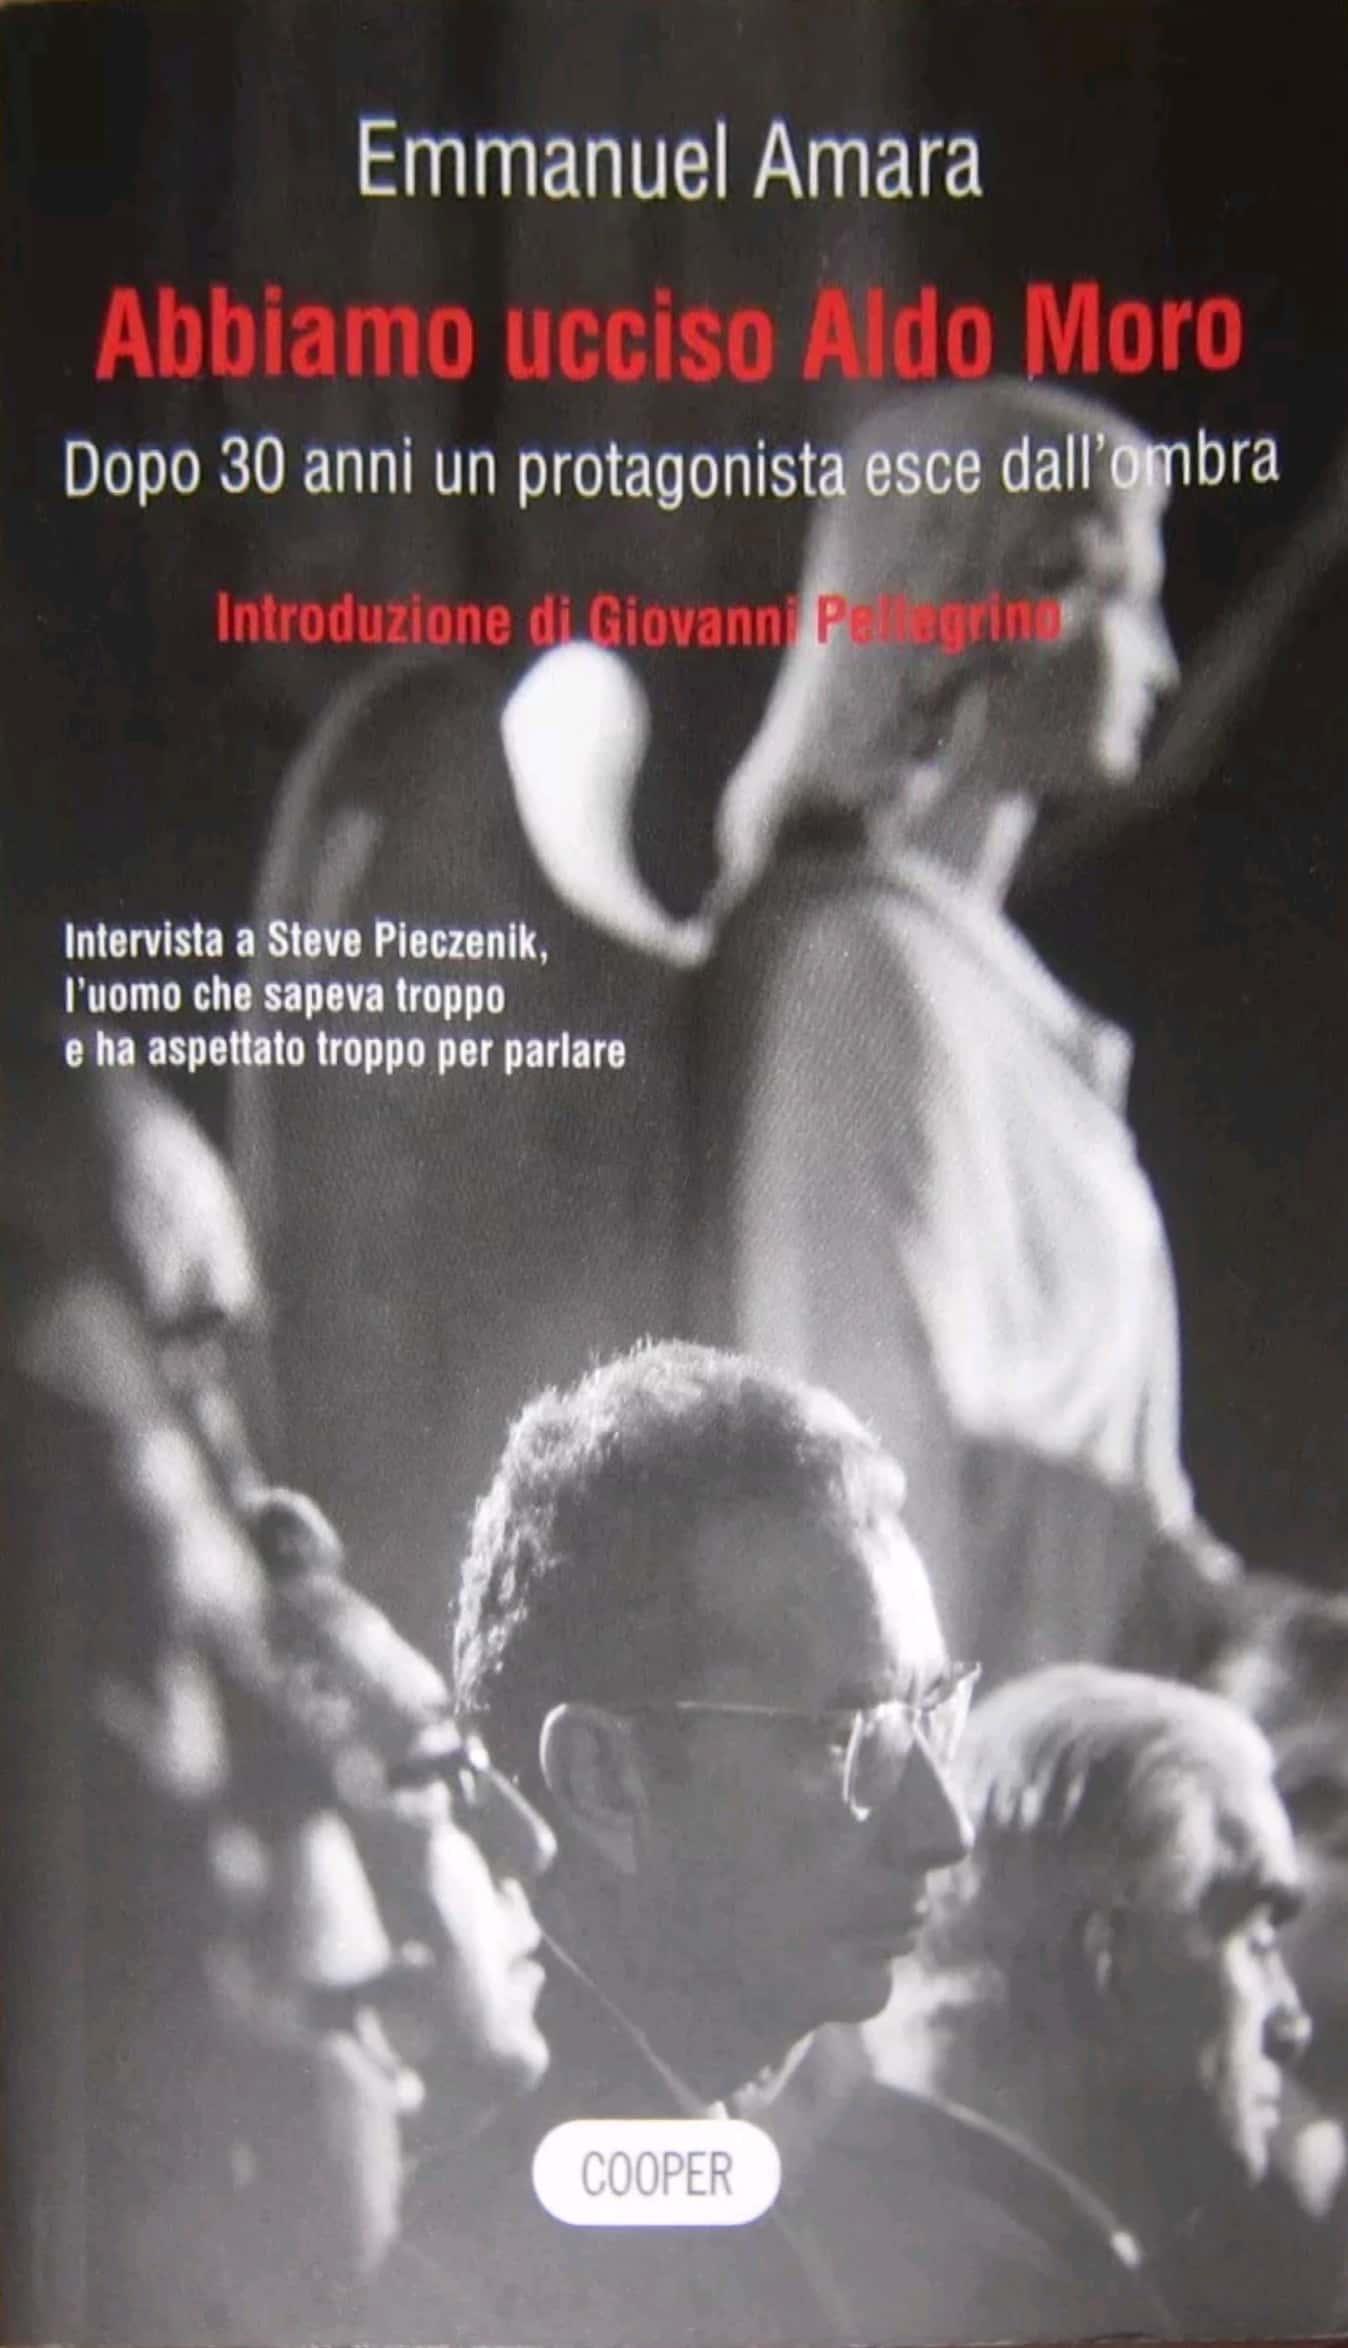 """""""Abbiamo ucciso Aldo Moro"""", di Emmanuel Amara in bancarella"""